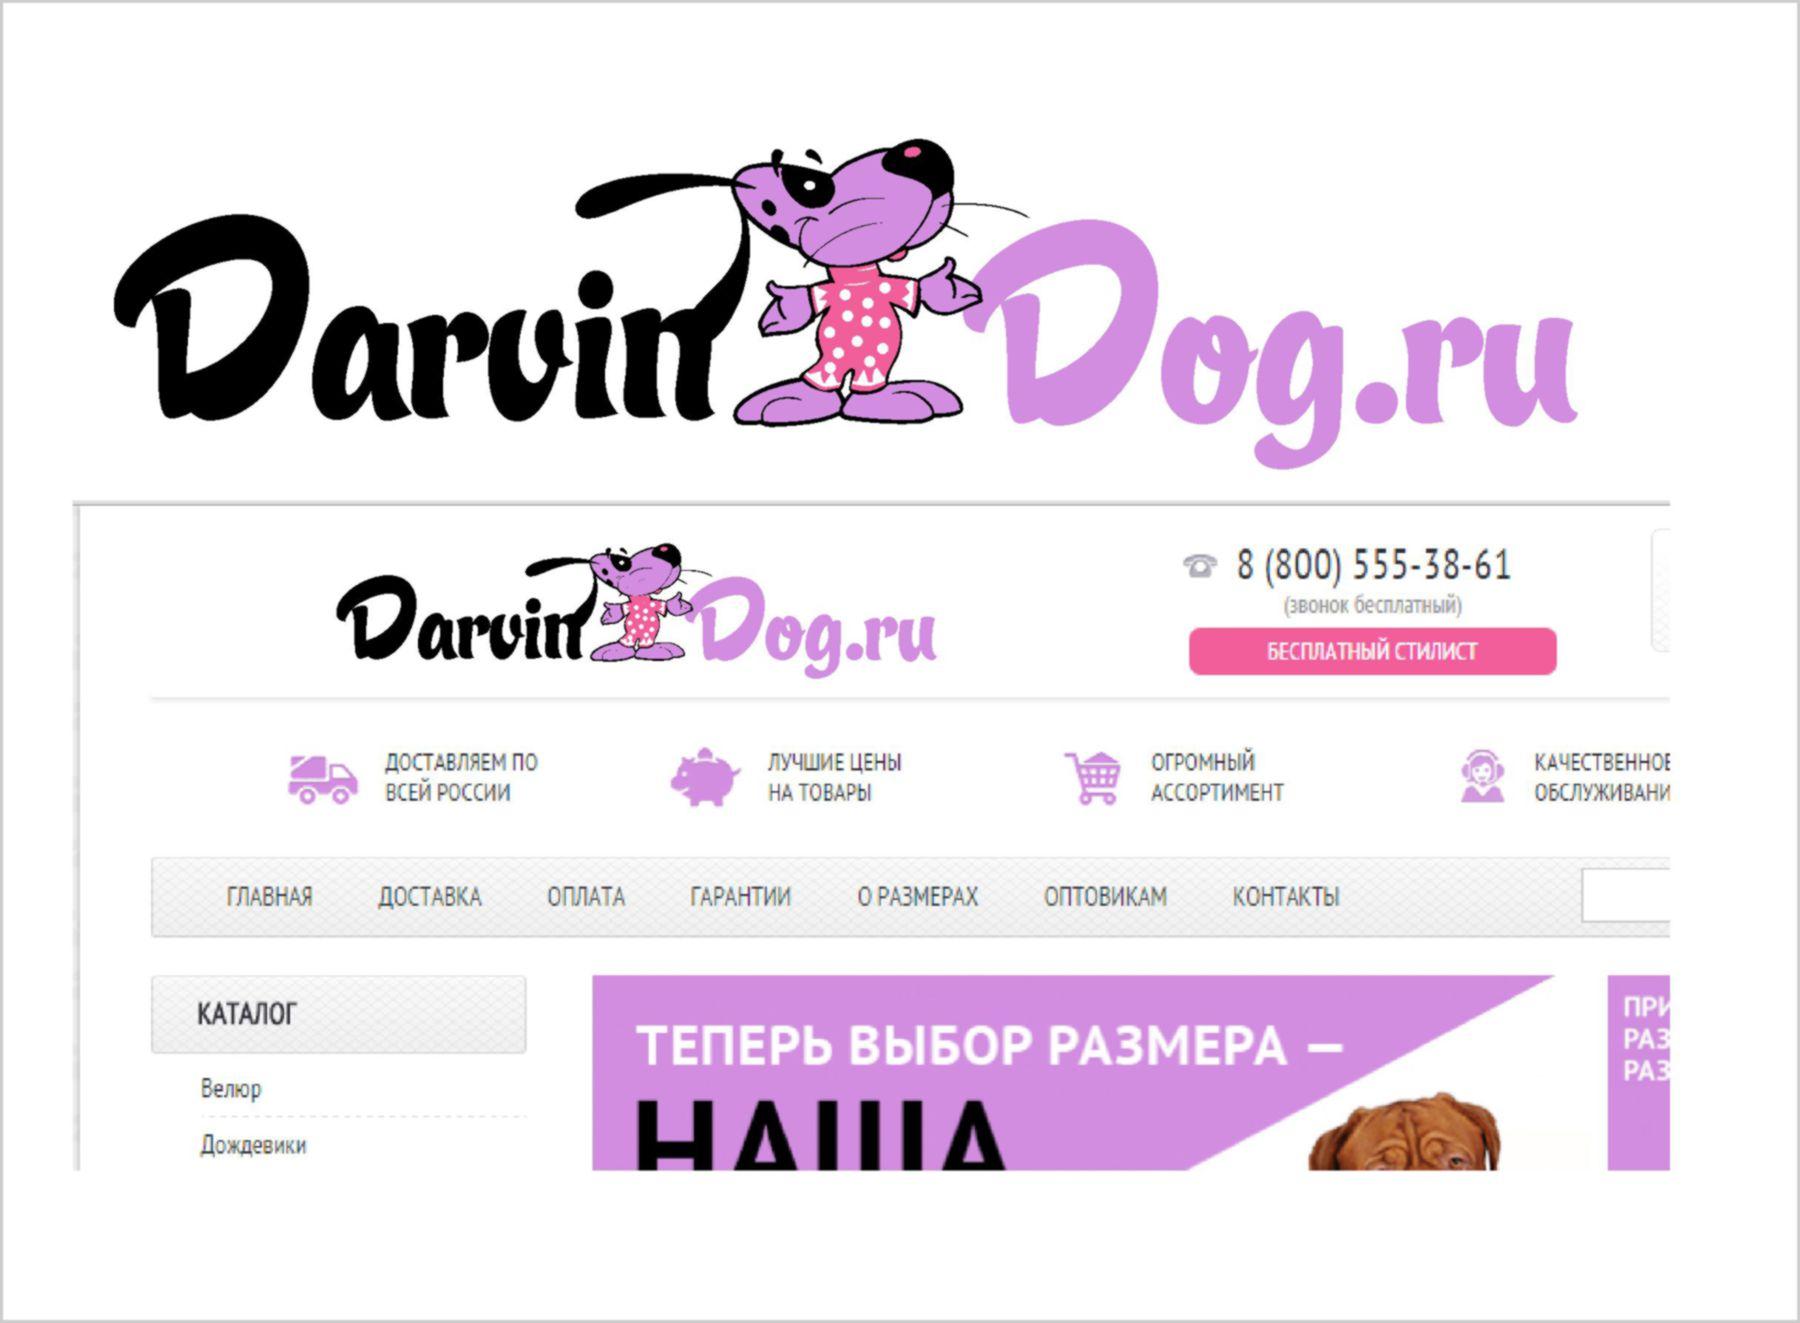 Создать логотип для интернет магазина одежды для собак фото f_138564f54d56508b.jpg